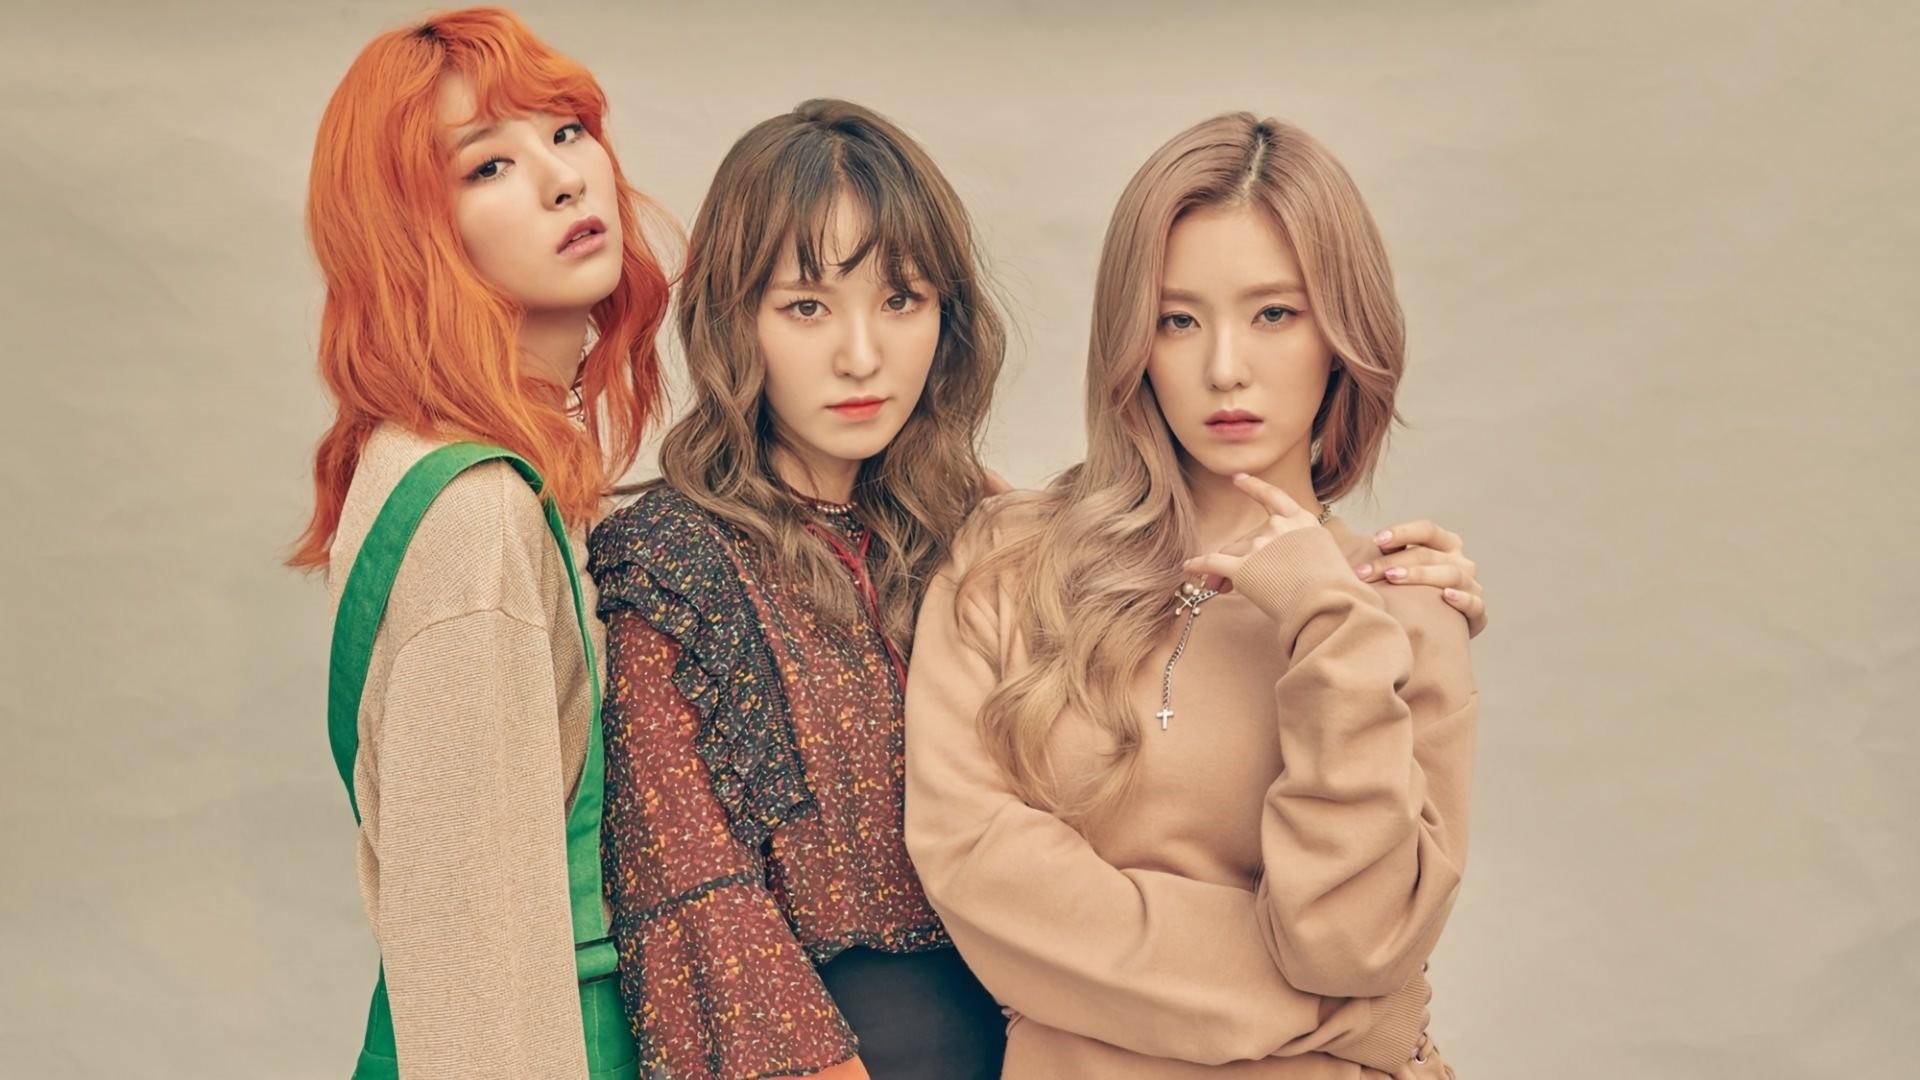 Red Velvet Wallpaper Picture hd